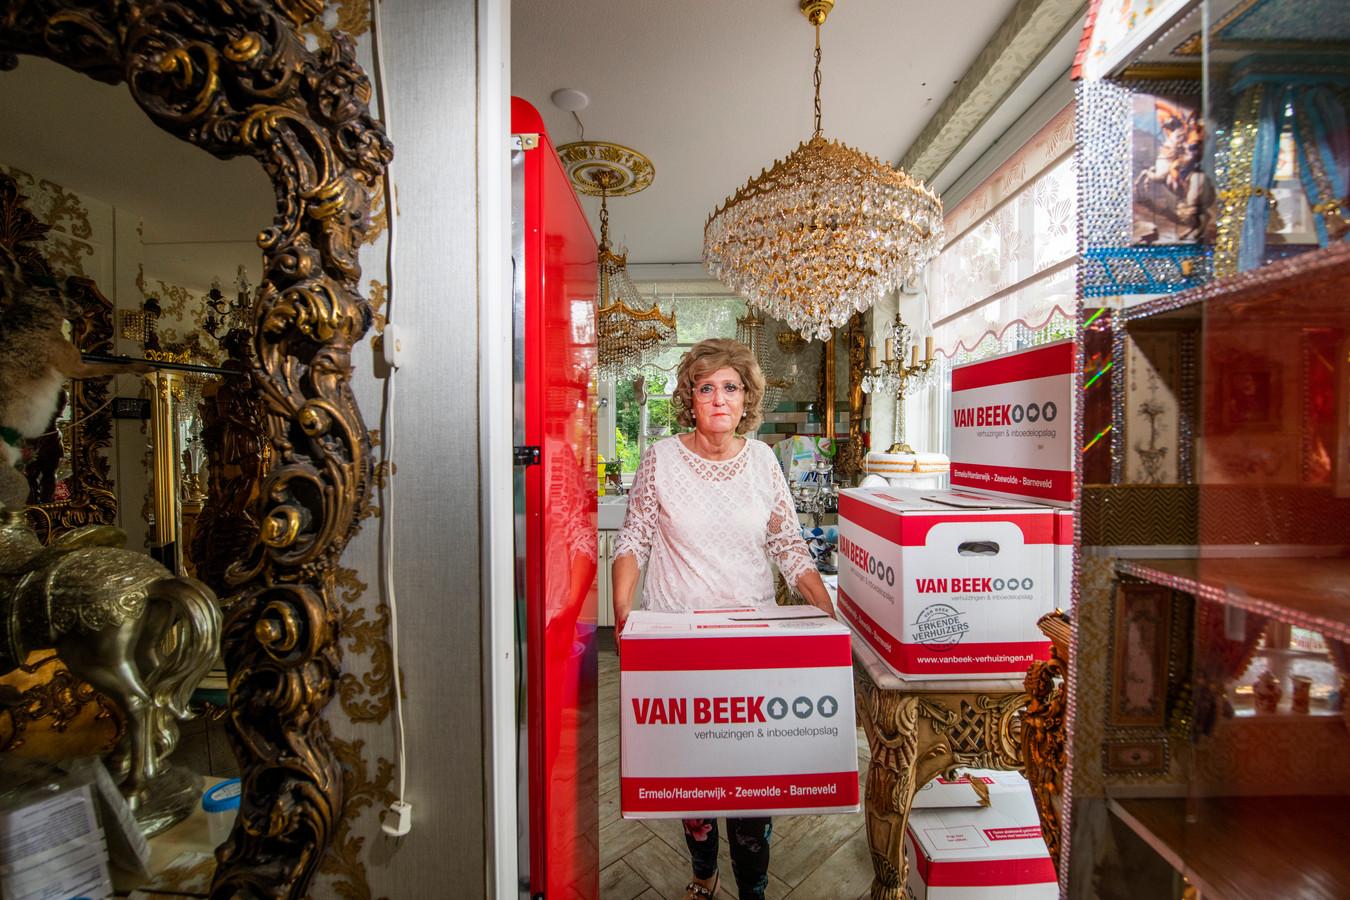 Caroline Smeehuijzen heeft geen vertrouwen meer in haar huurwoning. Ze verlaat de omstreden nieuwbouwwijk Driesprong in Ermelo, waar prefab huizen tot veel ellende leidden.